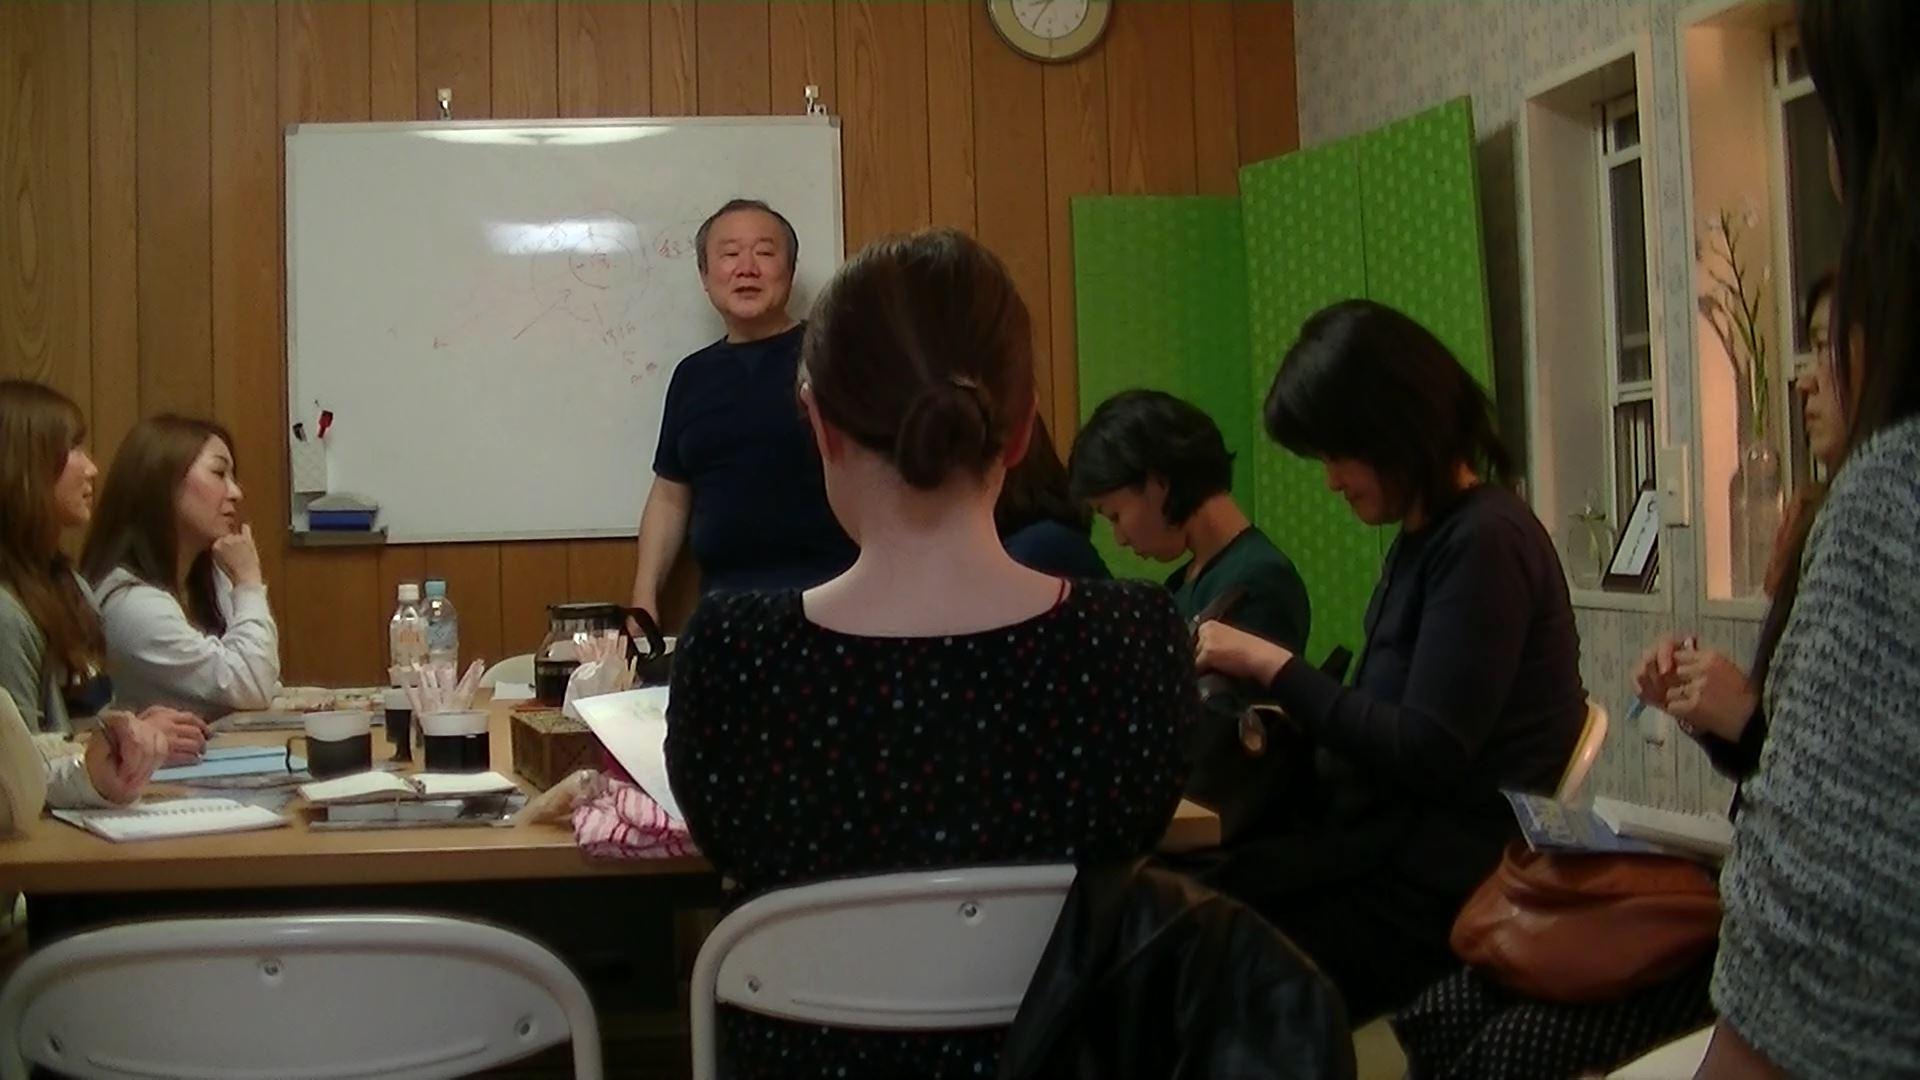 00479.MTS 000070670 - 2019年7月16日愛の子育て塾第15期第2講座開催しました。